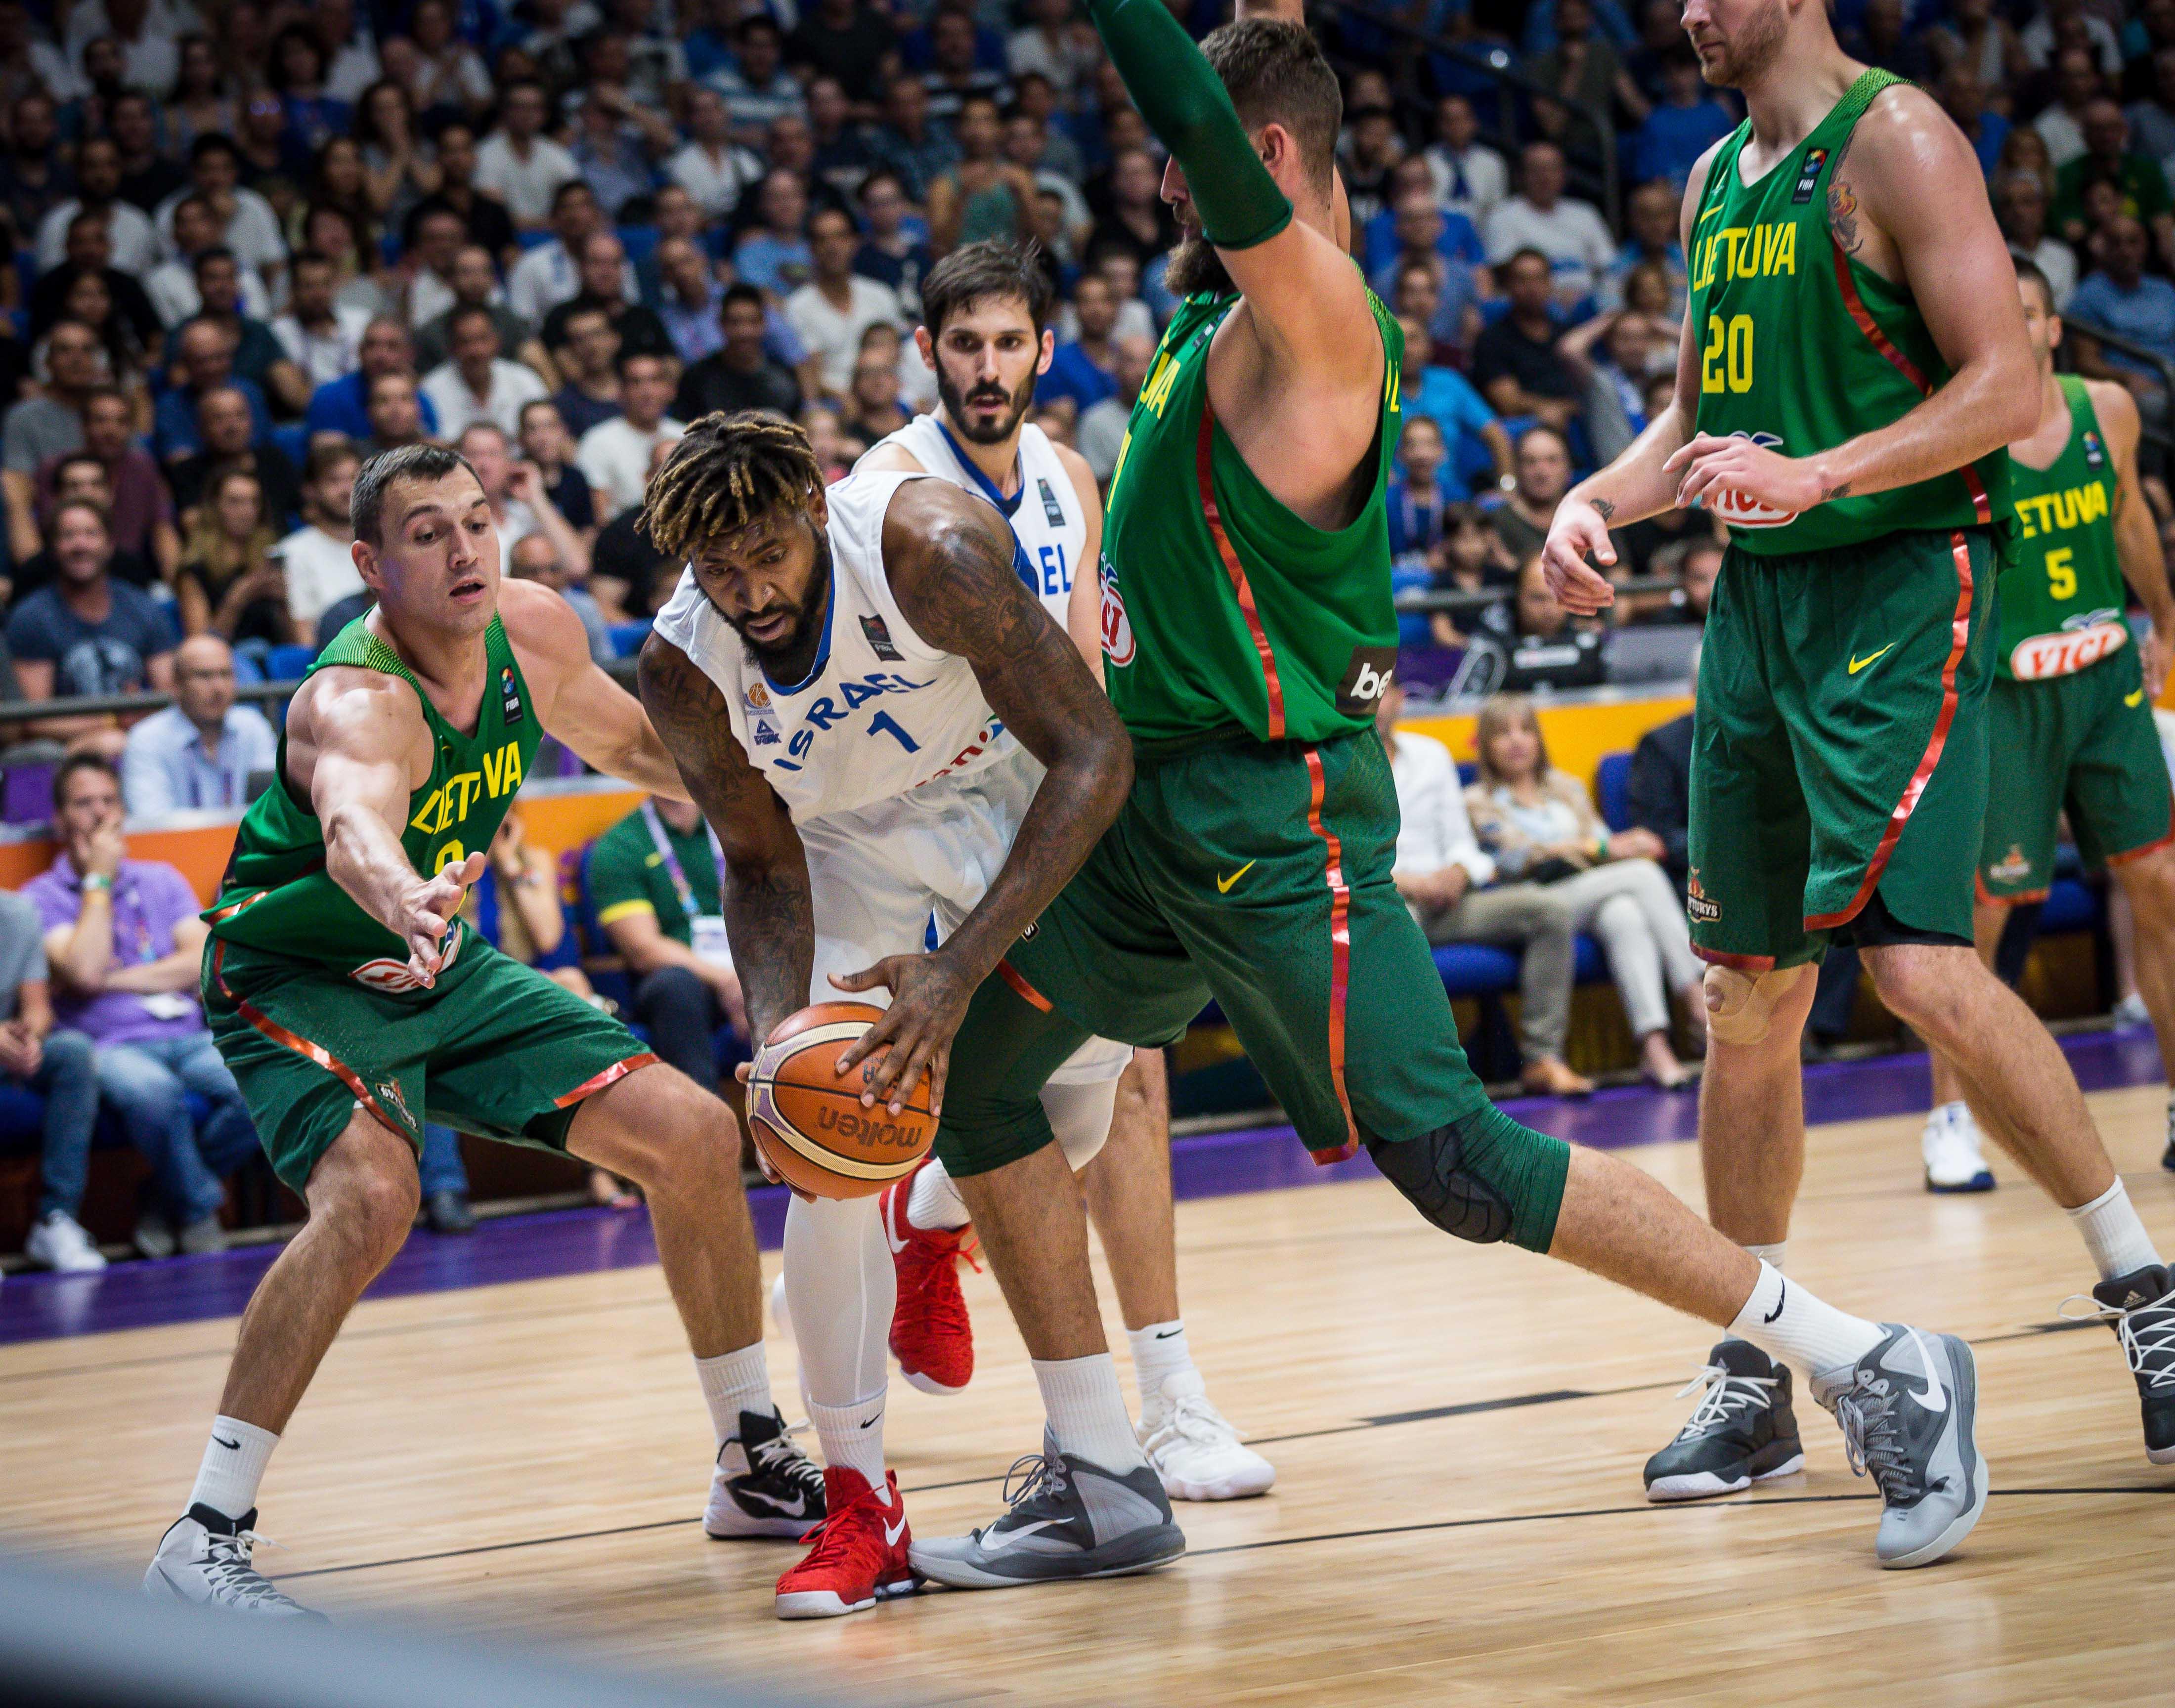 ישראל הפסידה לליטא 88-73, וירדה למאזן של 2-0